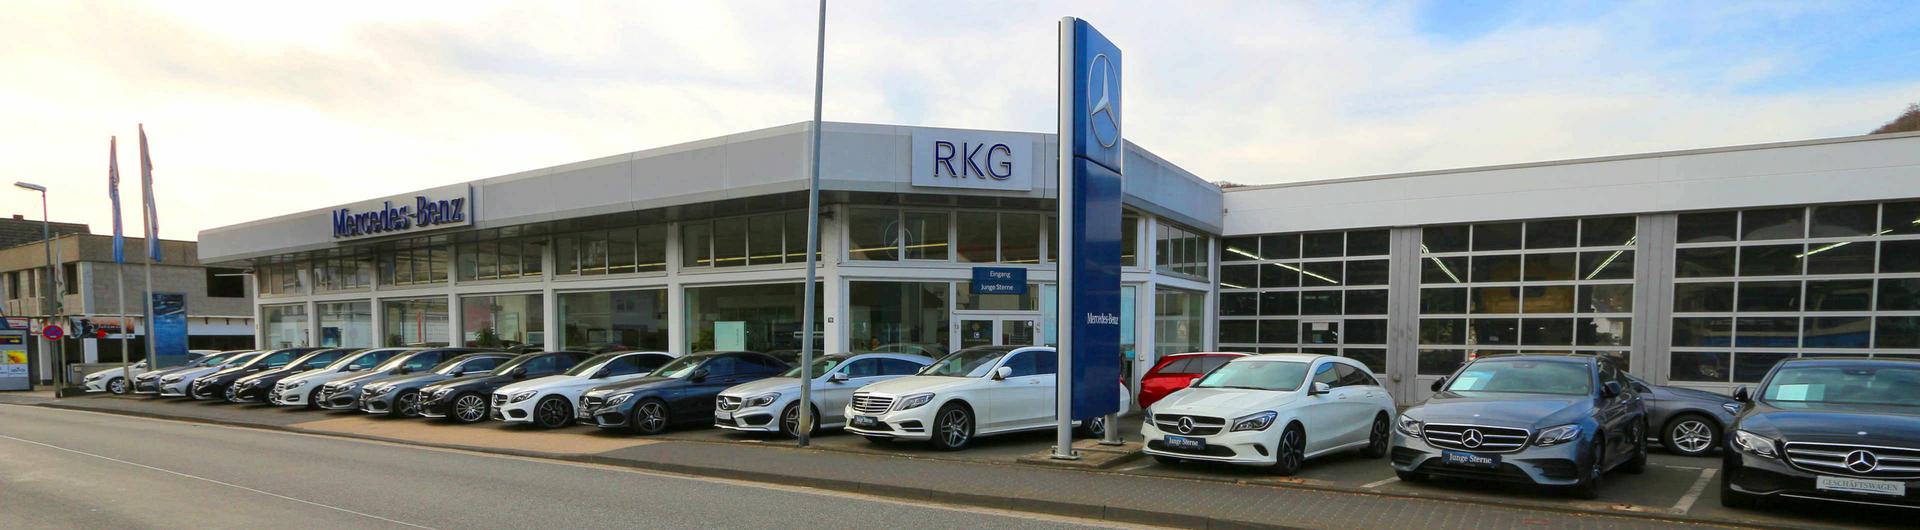 rkg - mercedes-benz autohaus & werkstatt in linz am rhein | rkg